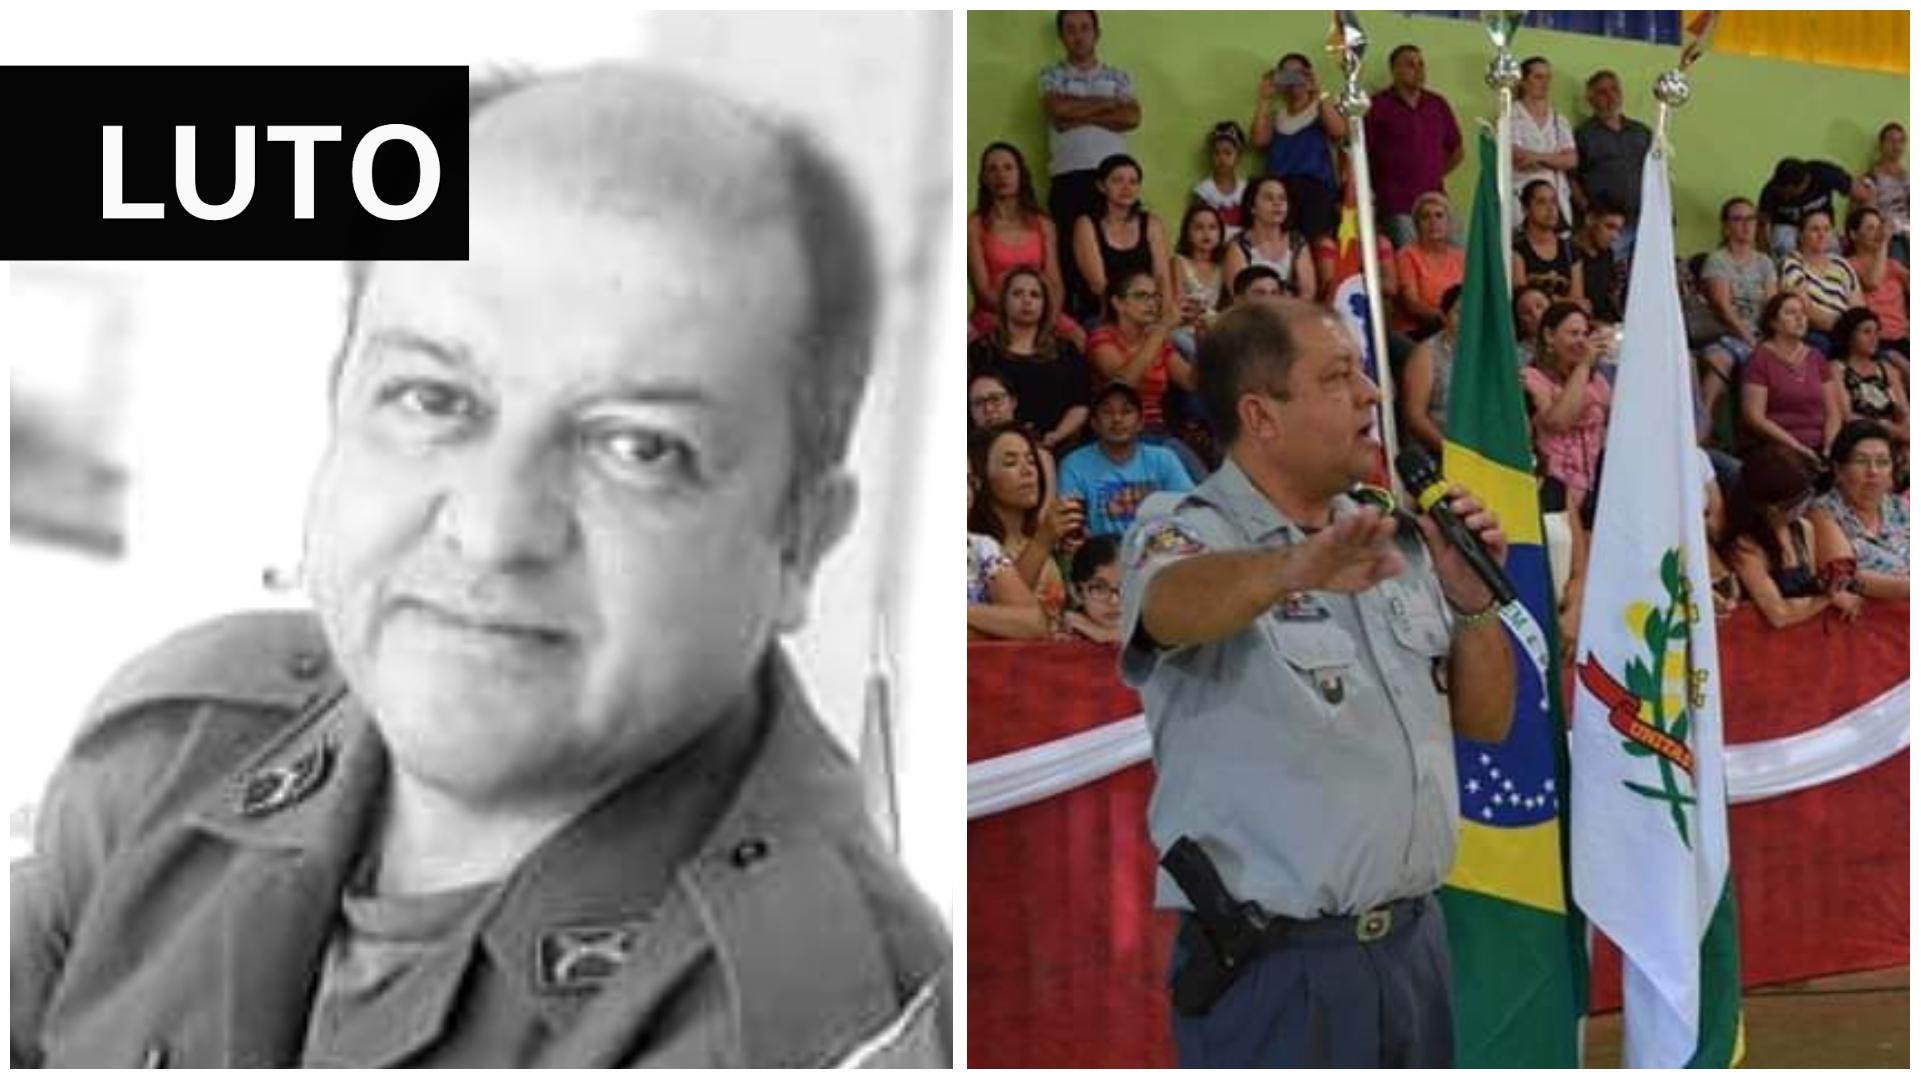 LUTO EM CAPELA DO ALTO: Cidade chora por morte do PM Cabo Marcelo Maciel